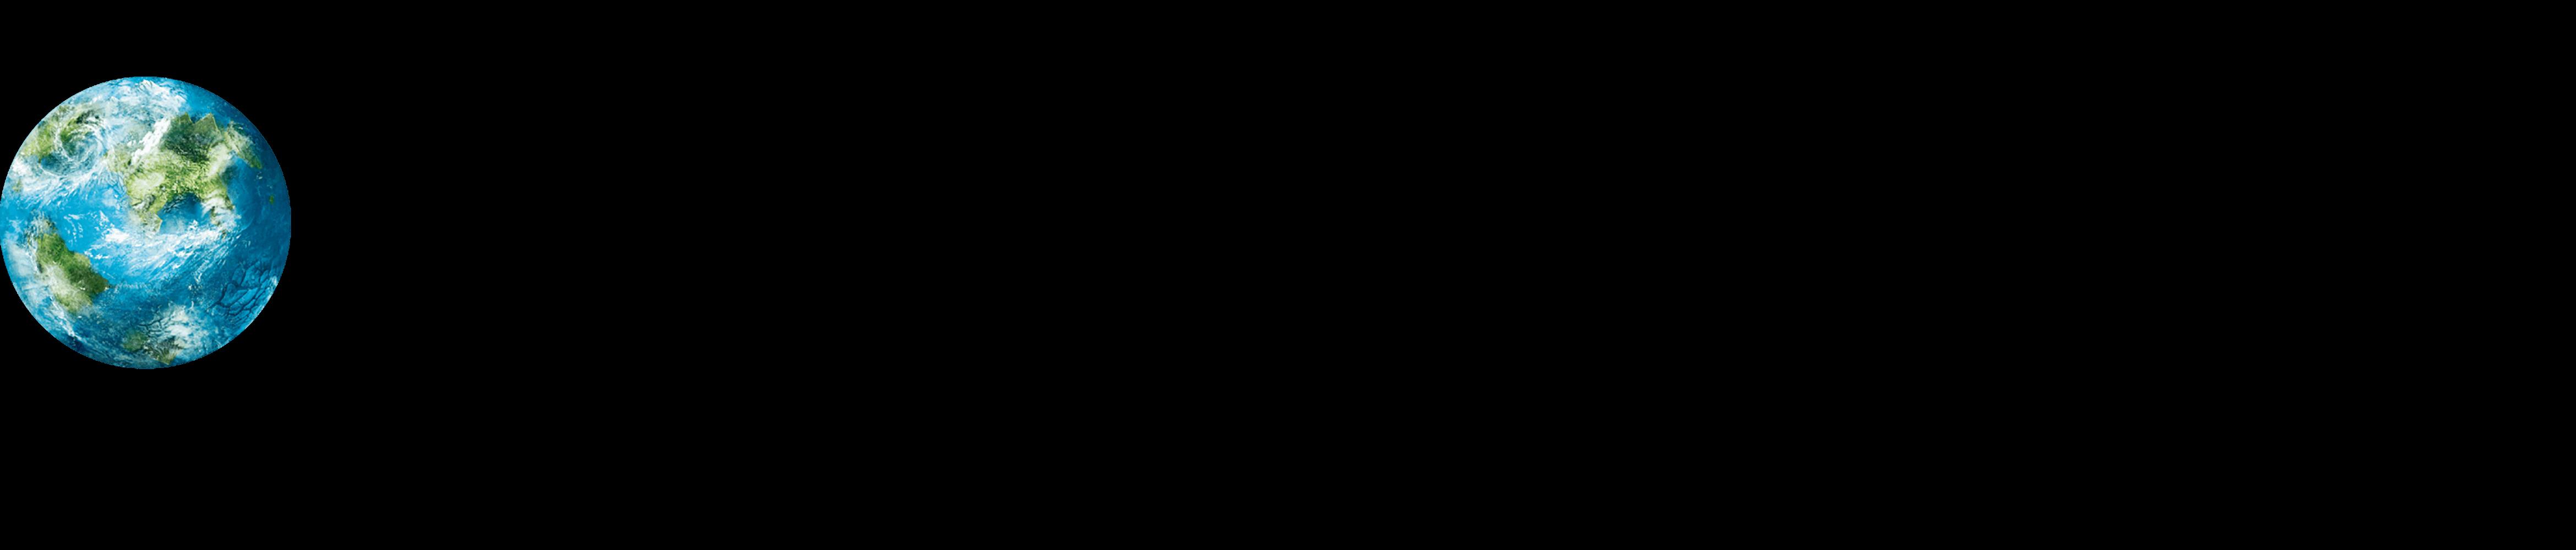 DSC black